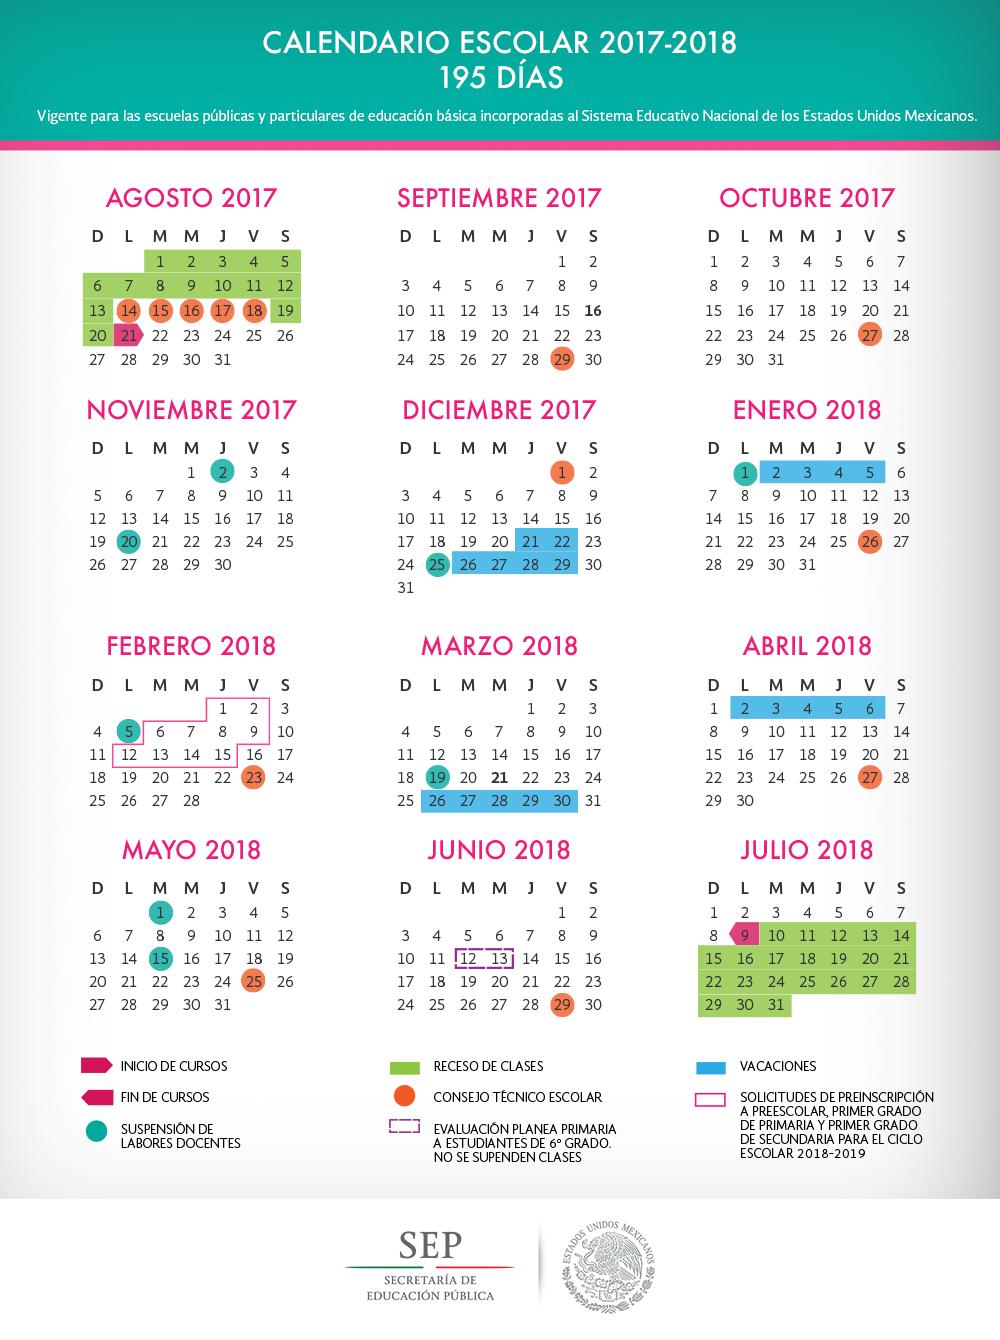 Calendario Escolar 2017-2018 (195 días)